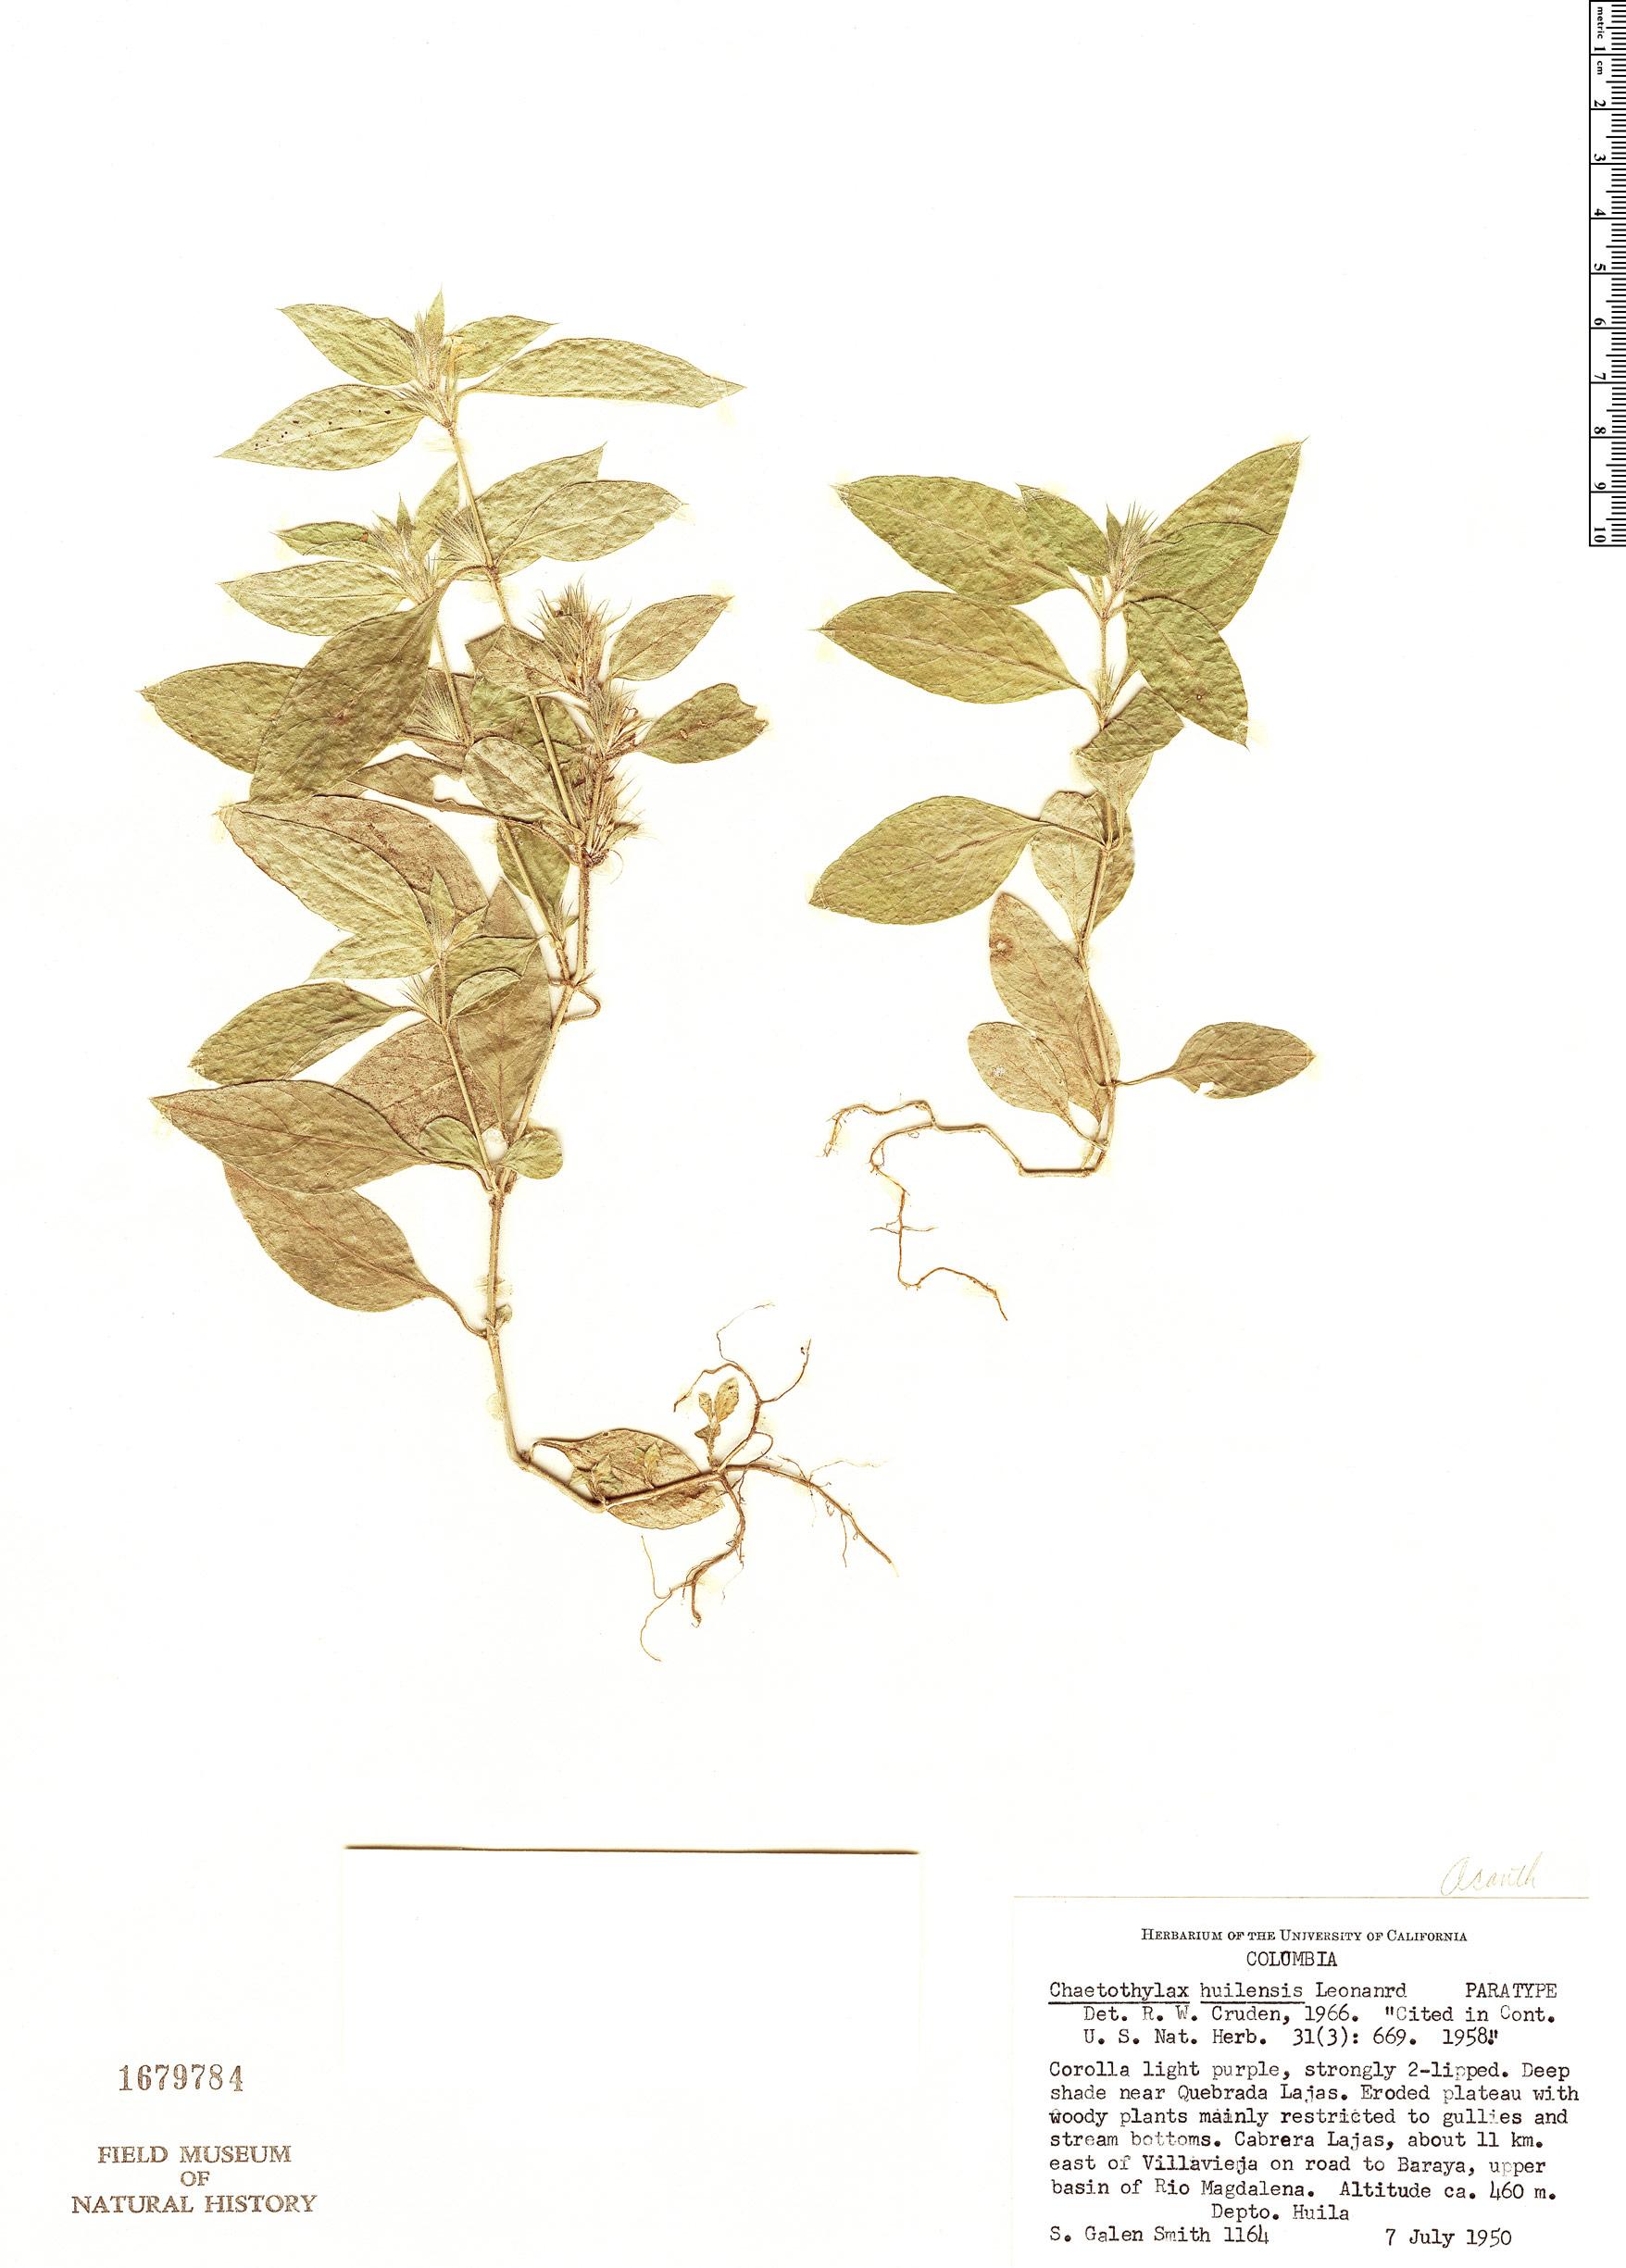 Specimen: Justicia huilensis